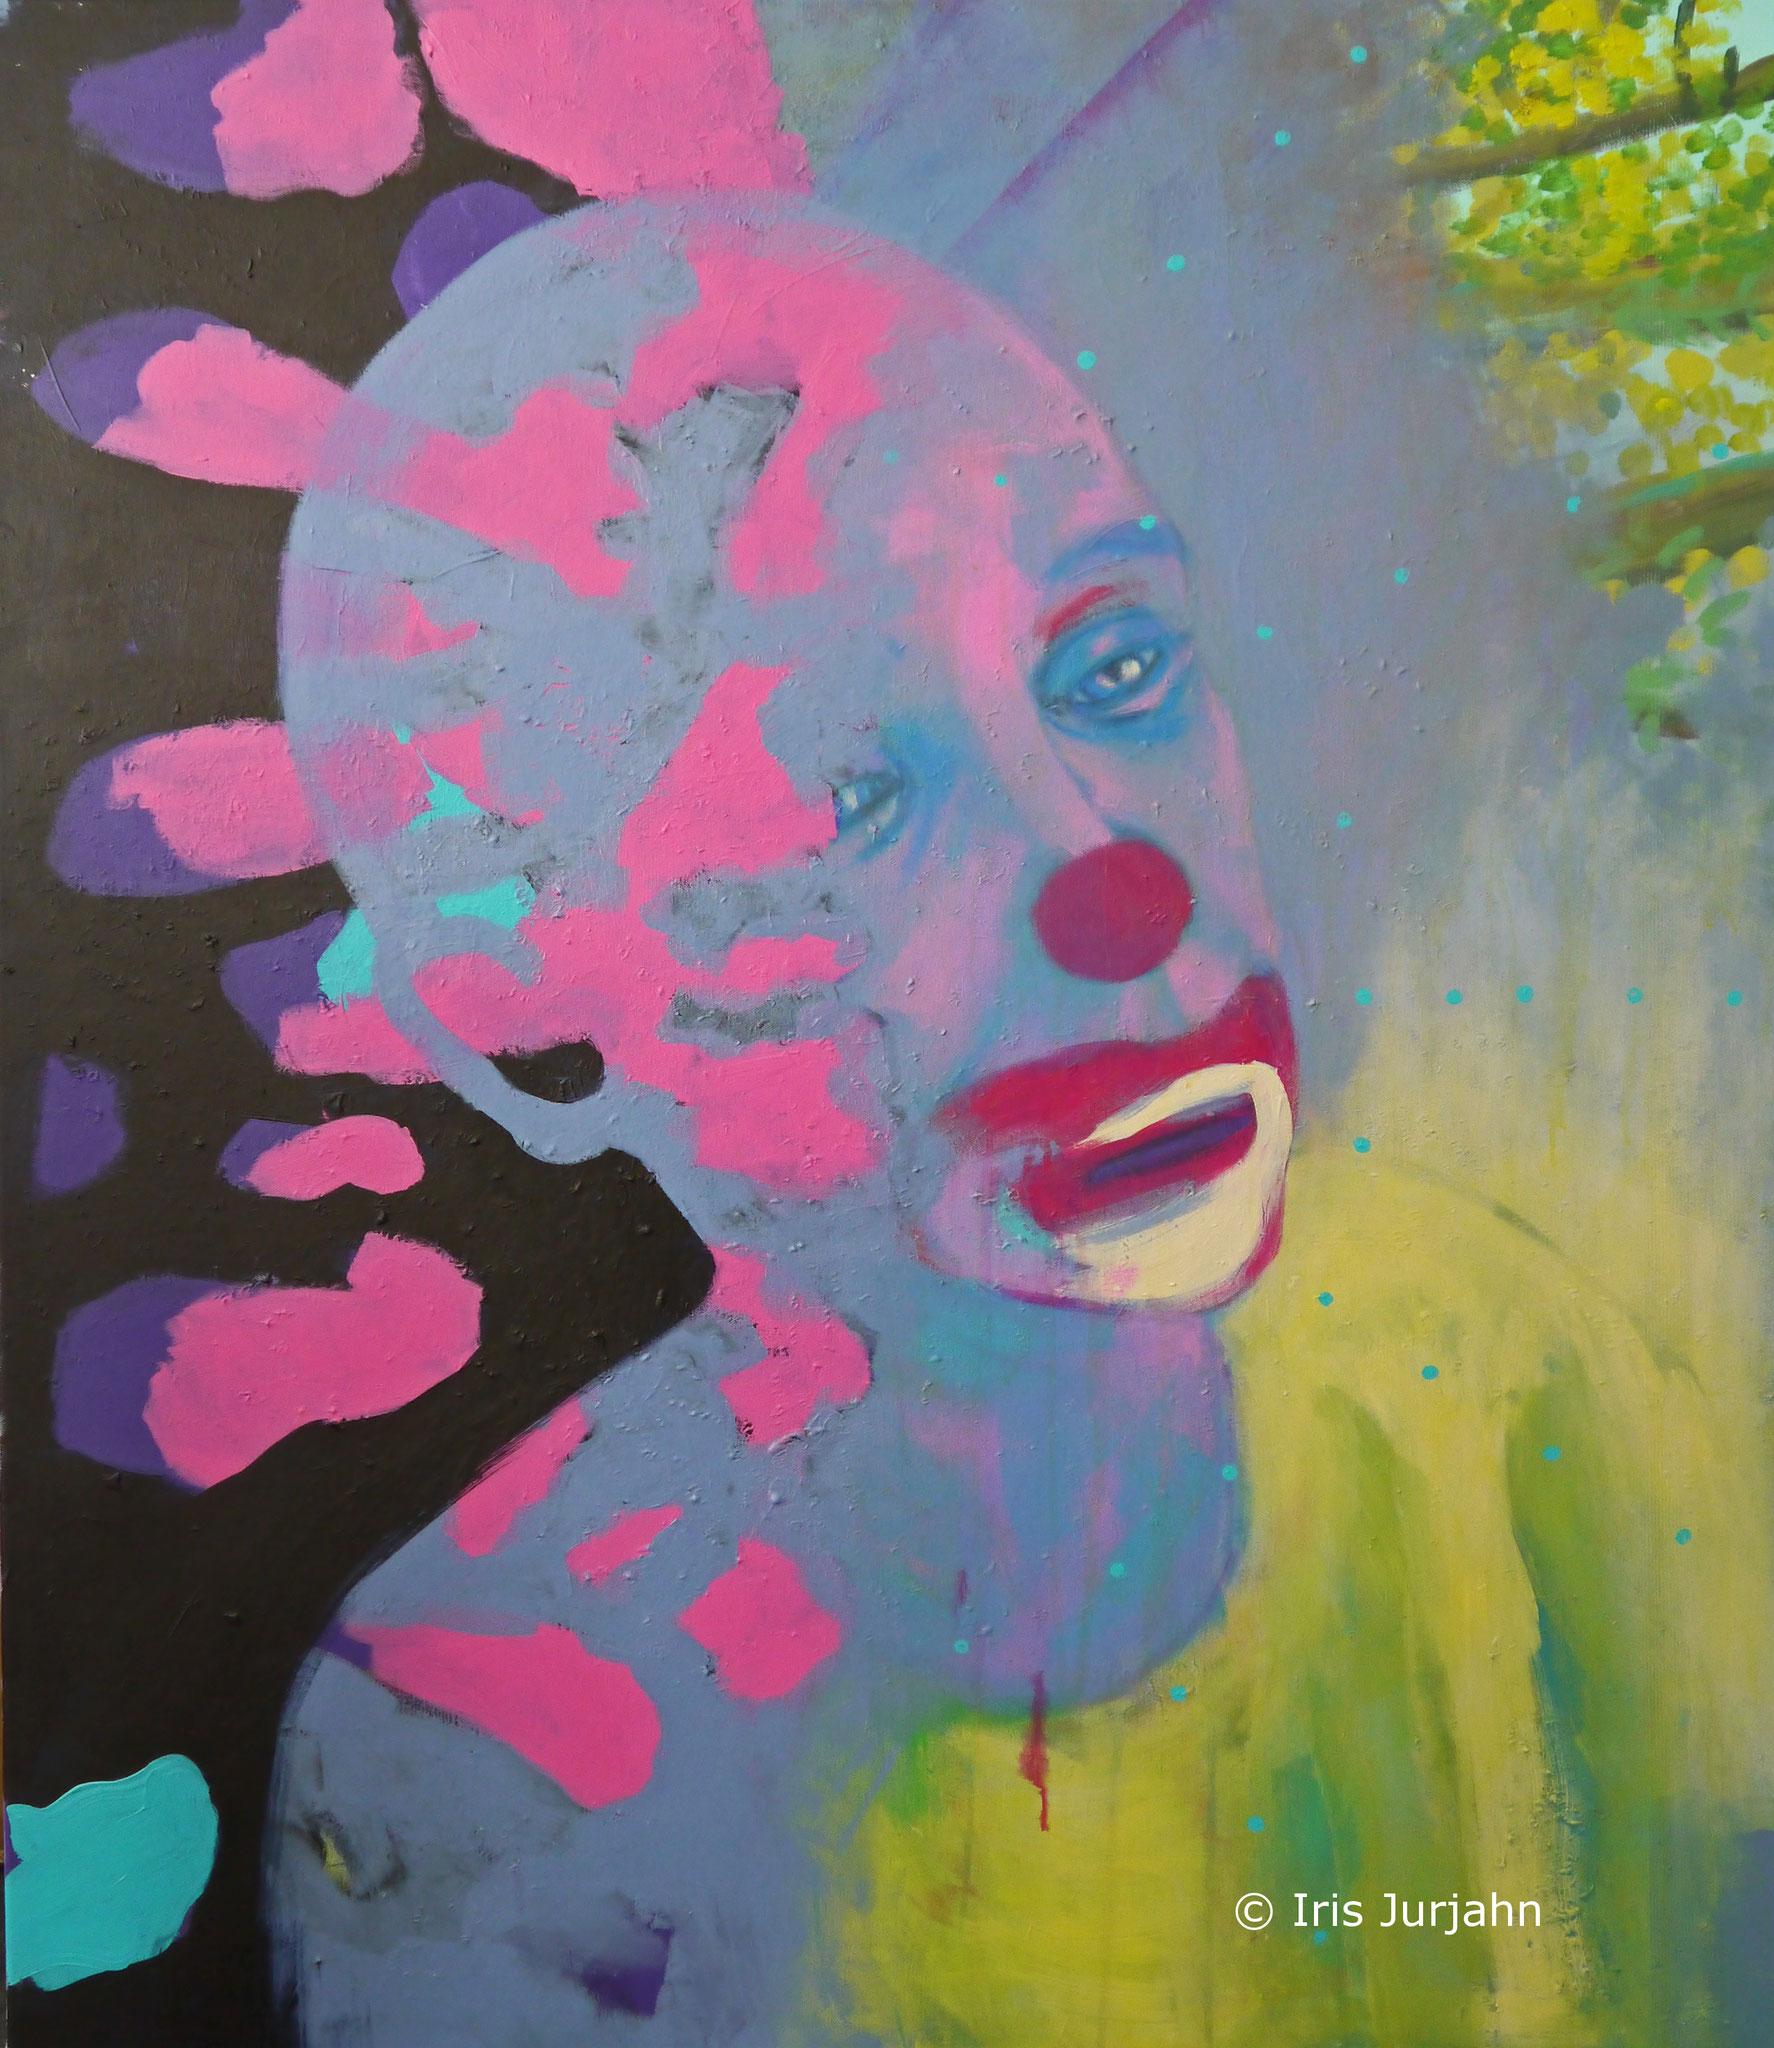 Clown, acrylic on canvas, 120 x 100 cm, 2017